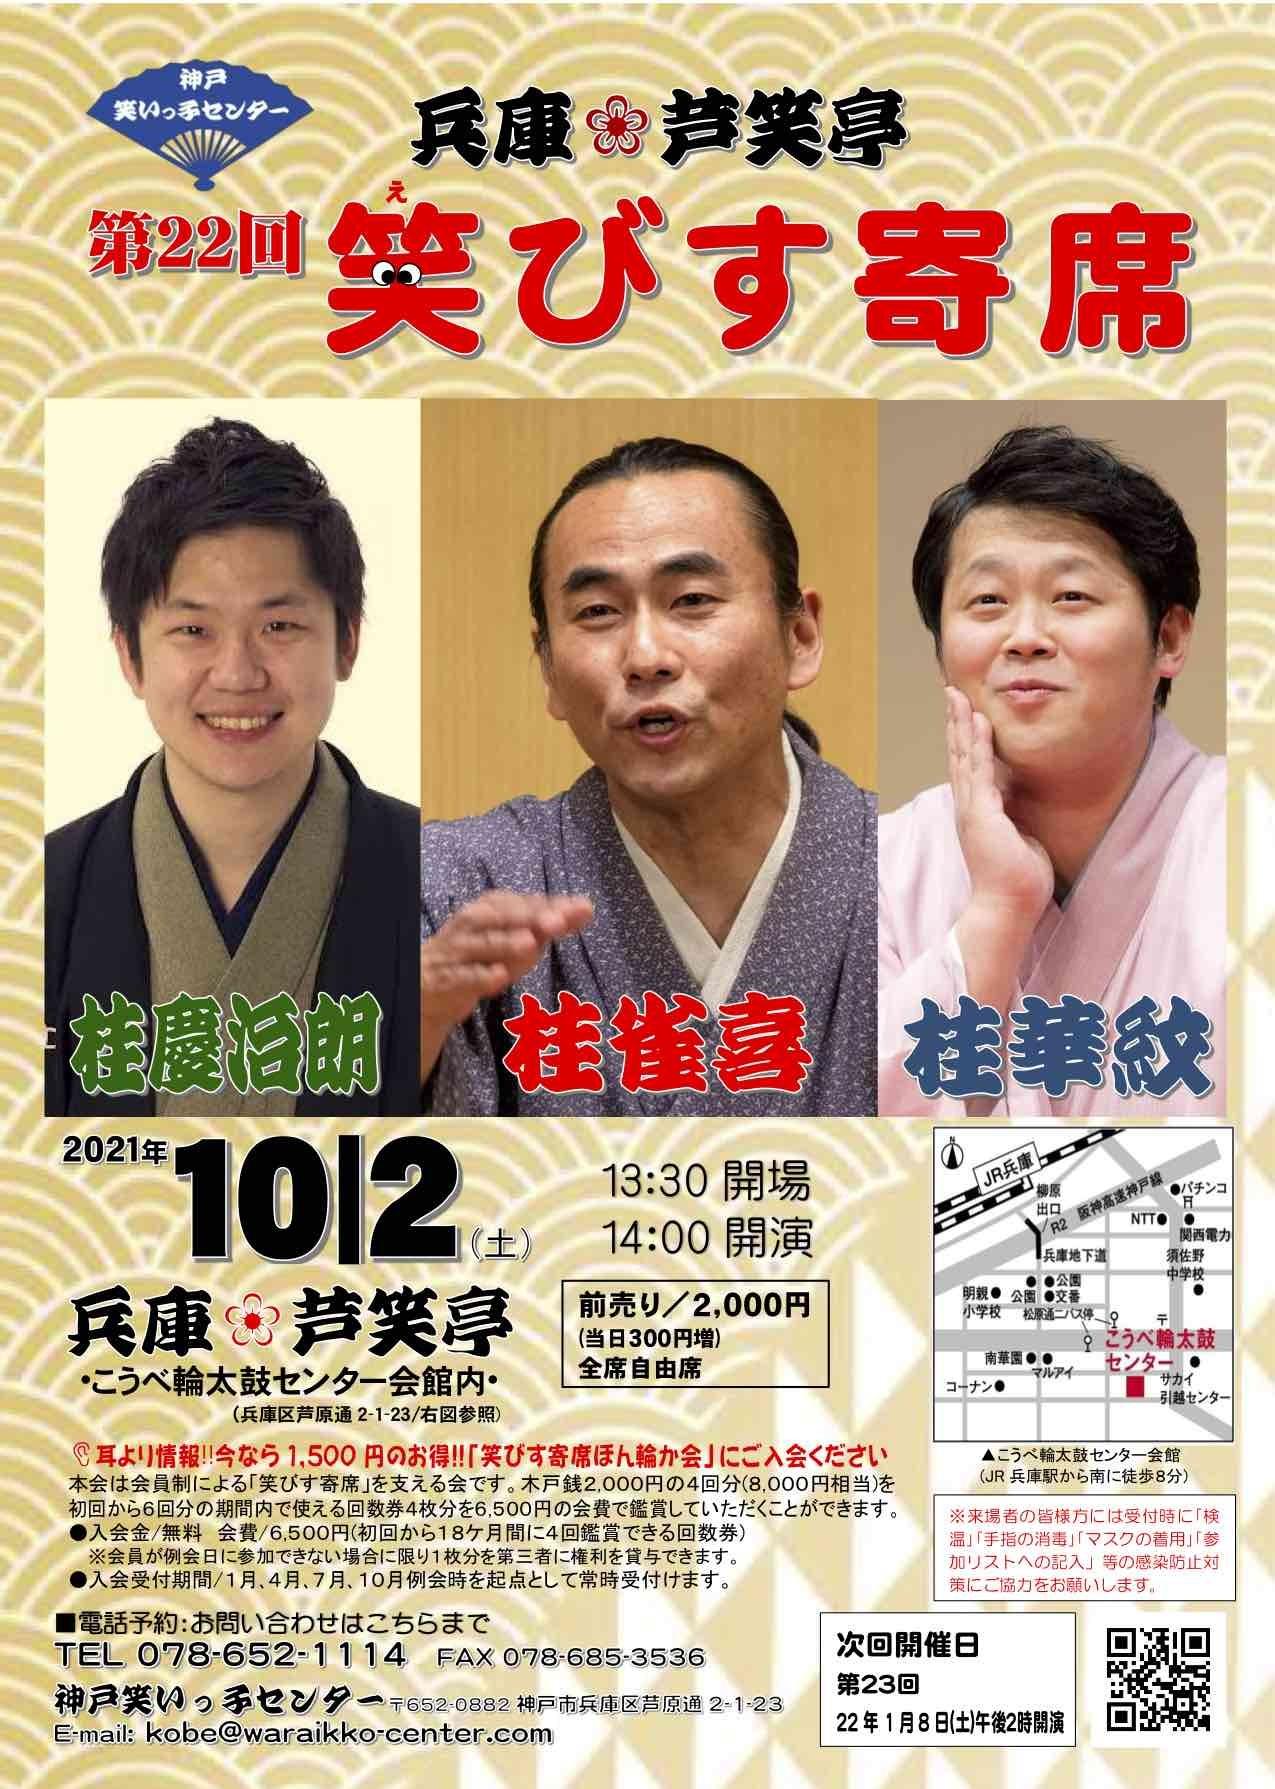 第22回 笑びす寄席 公演チケット発売中!